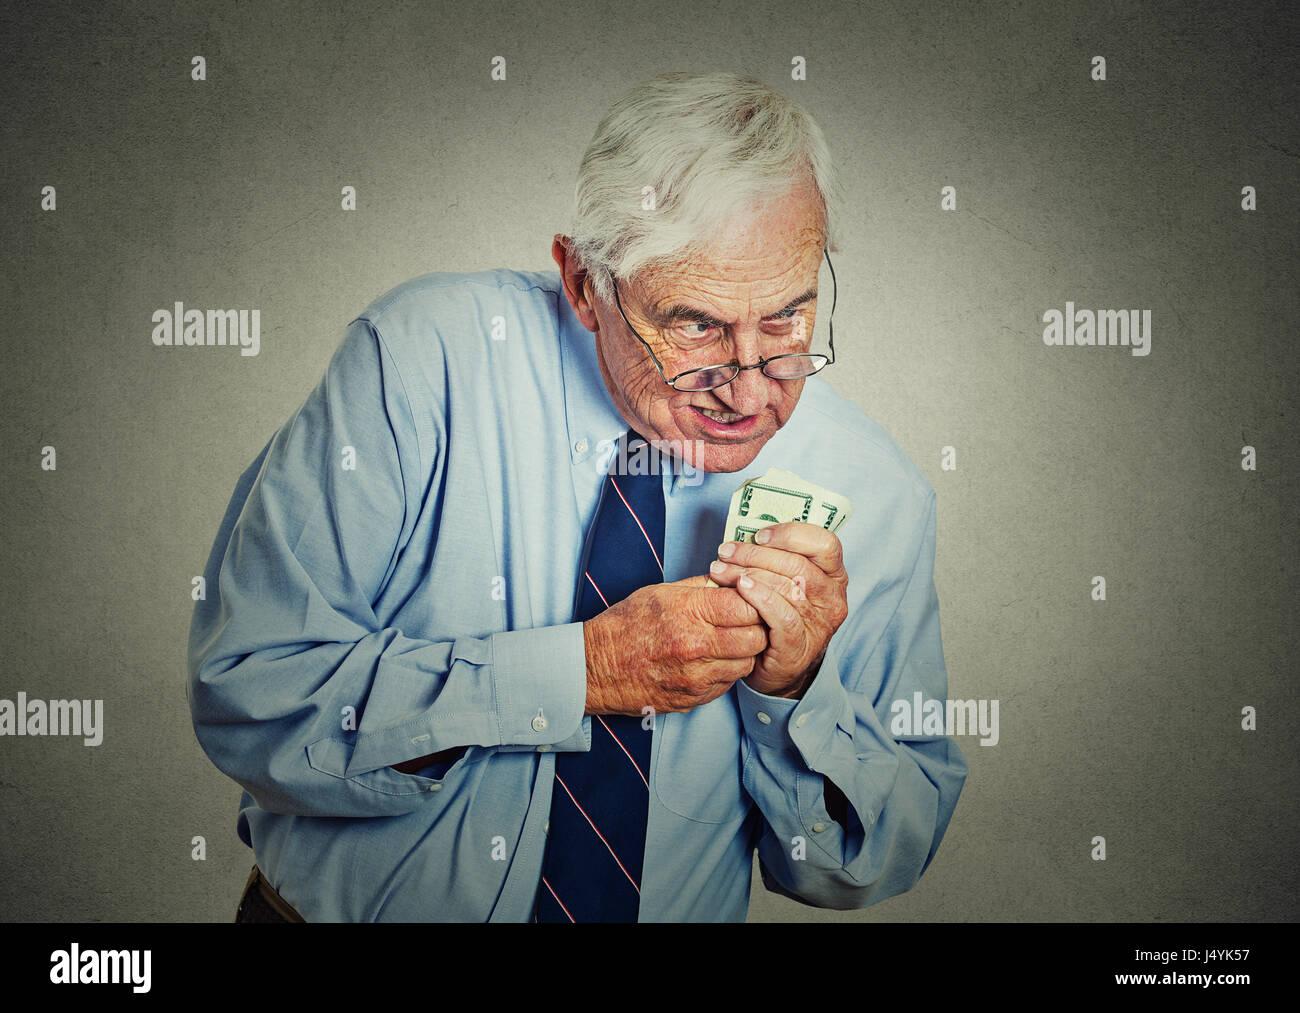 Closeup ritratto avidi di senior executive, CEO, boss, vecchio dipendente aziendale, uomo maturo, tenendo dollar Immagini Stock